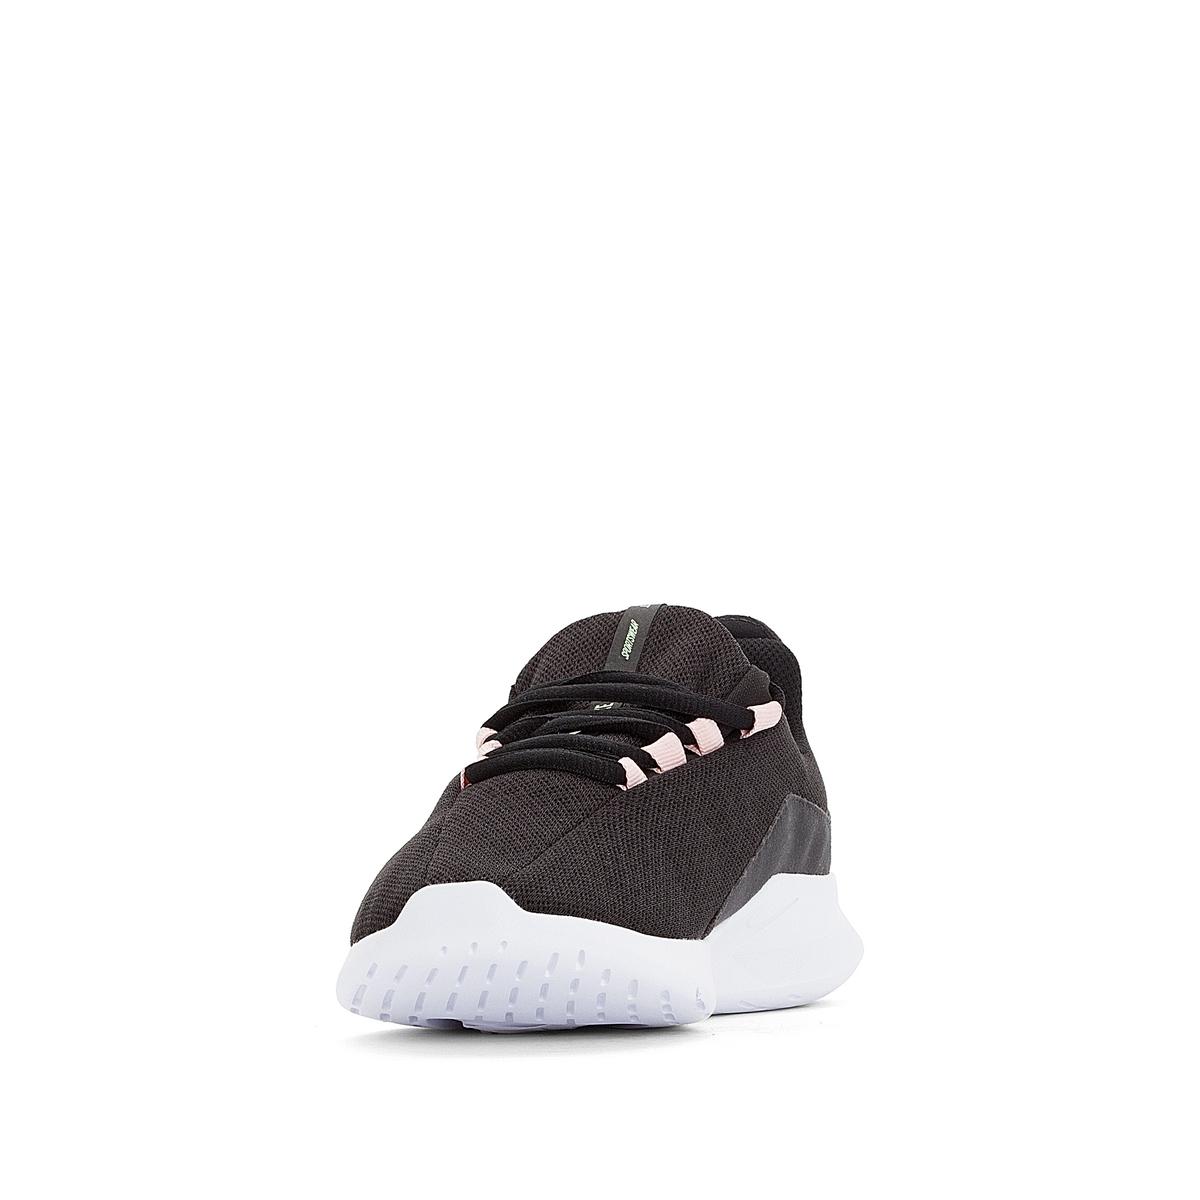 Imagen secundaria de producto de Zapatillas Viale - Nike